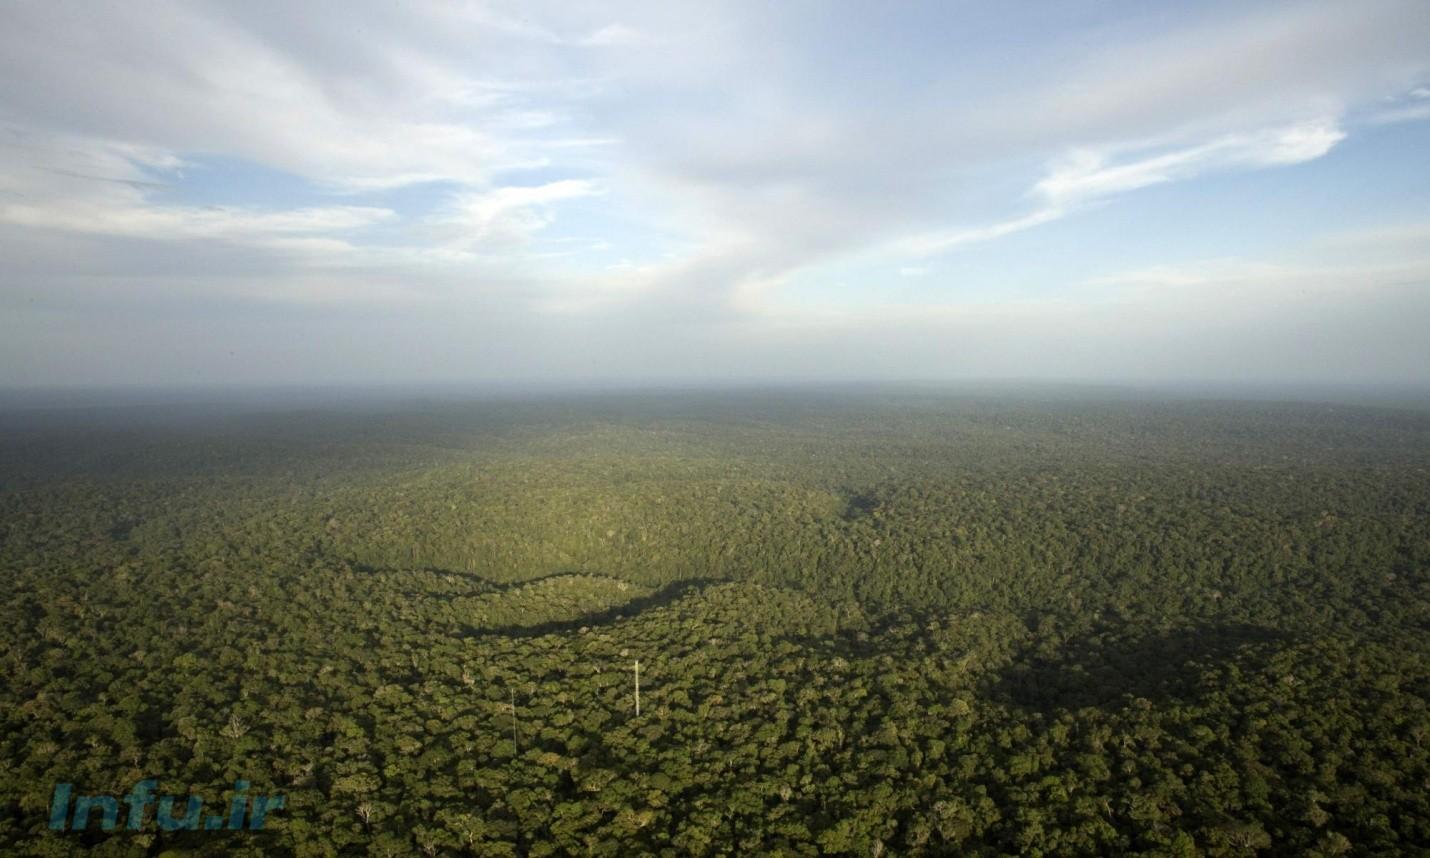 جنگلهای آمازون. توسعه شهری و صنعتی چهره کره زمین را دگرگون کرده است.